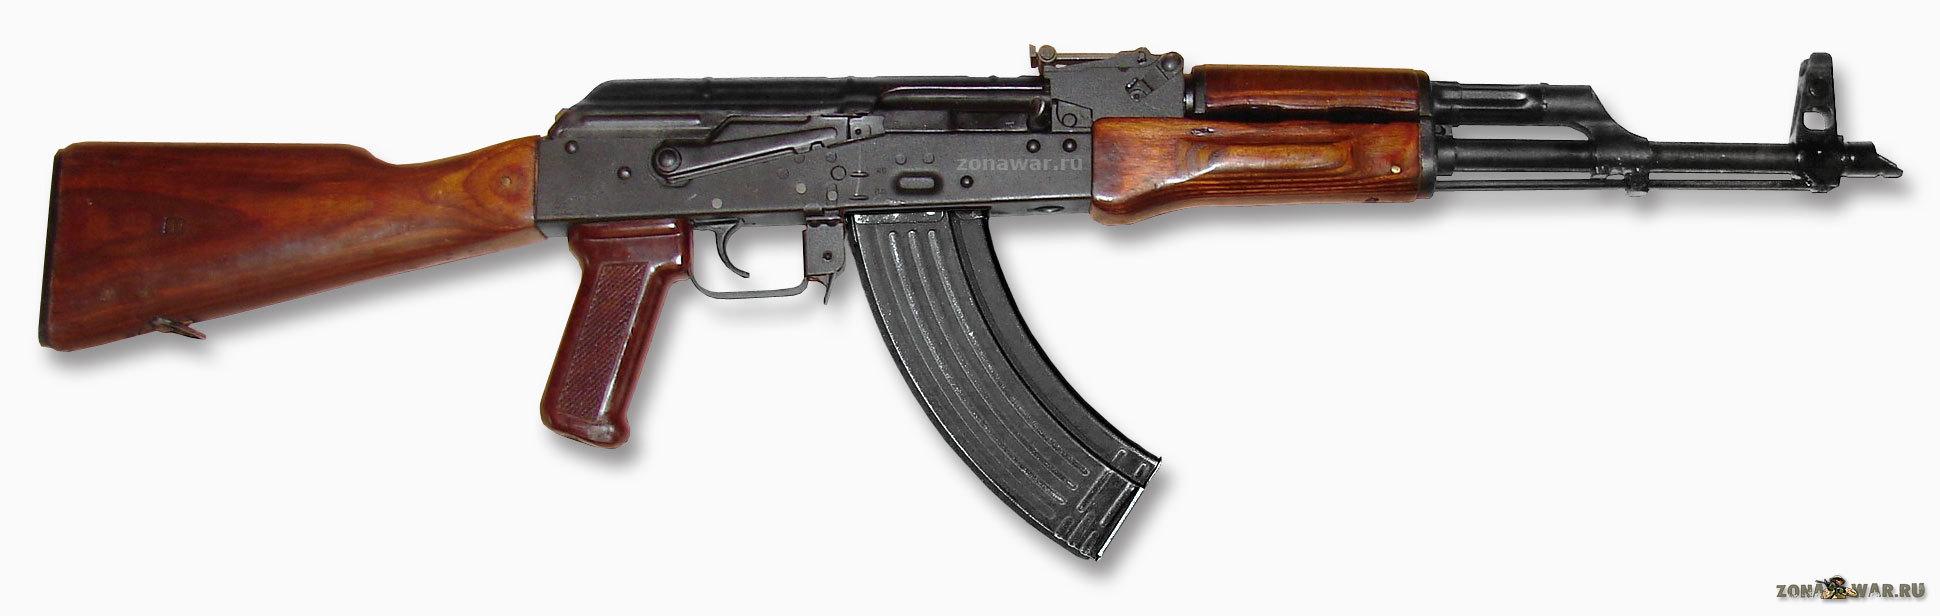 """Р В Р'В Р РЋРІР'в""""ўР В Р'В Р AKM assault rifles"""